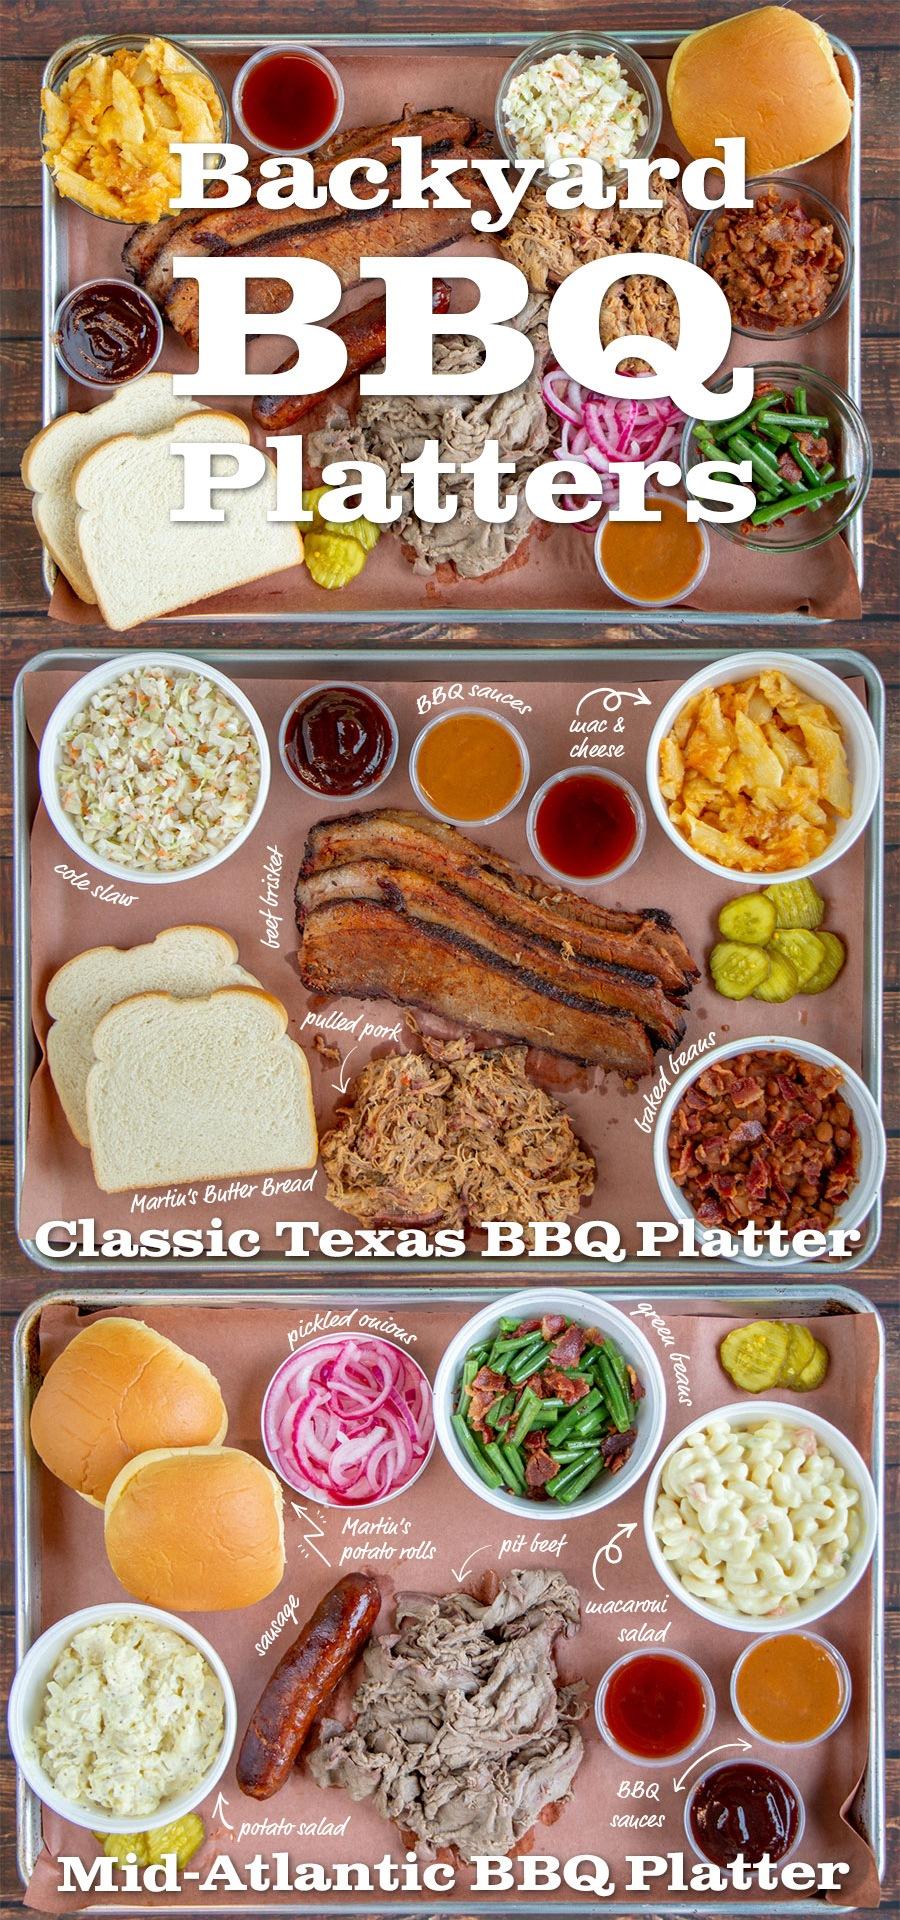 Backyard BBQ Platters